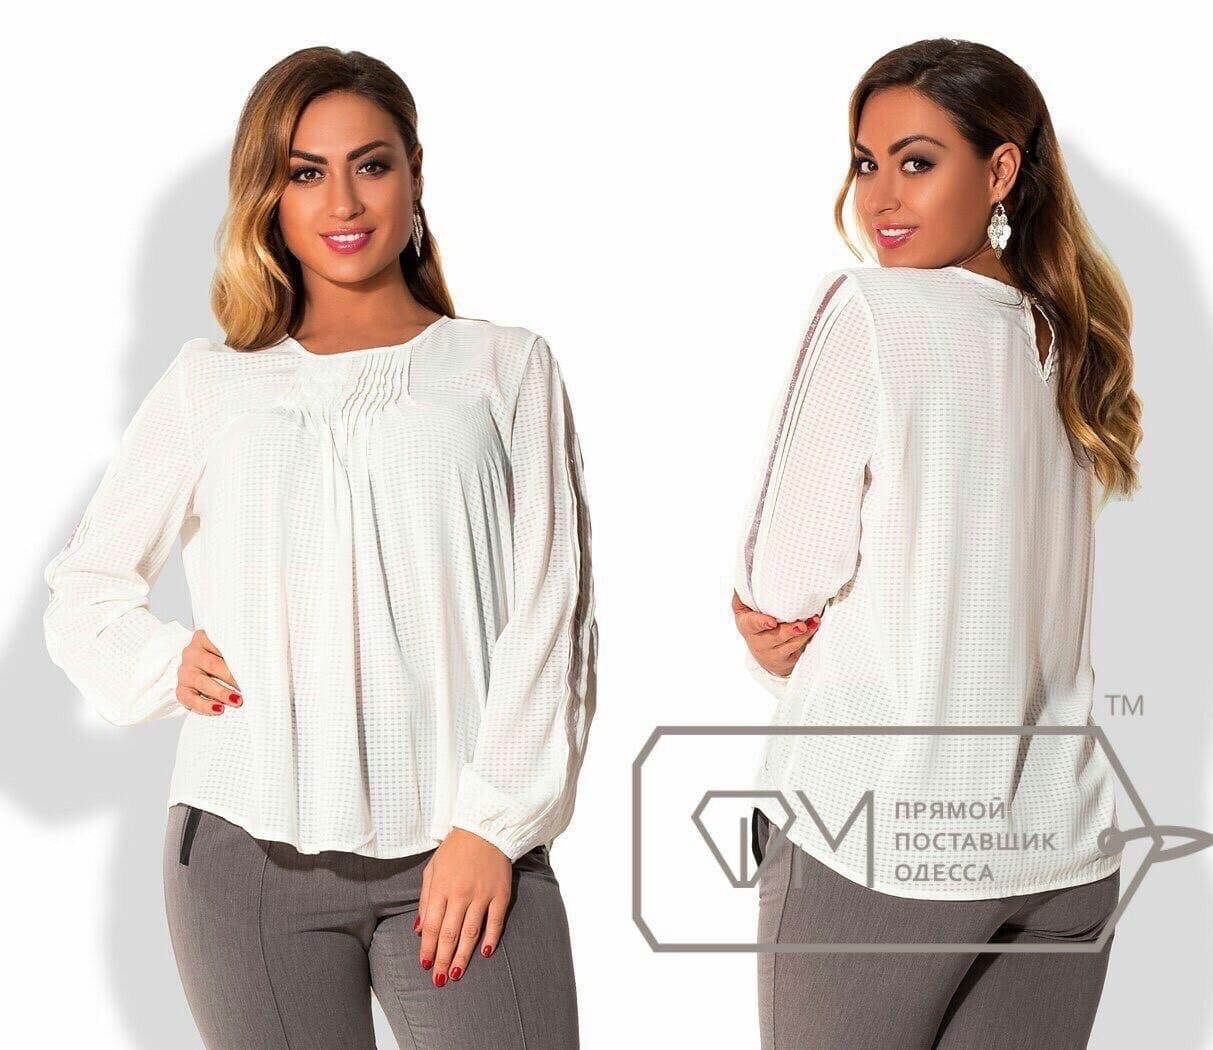 Распродажа. Блуза женская с длинным рукавом осенняя р.48,50 Код Парма